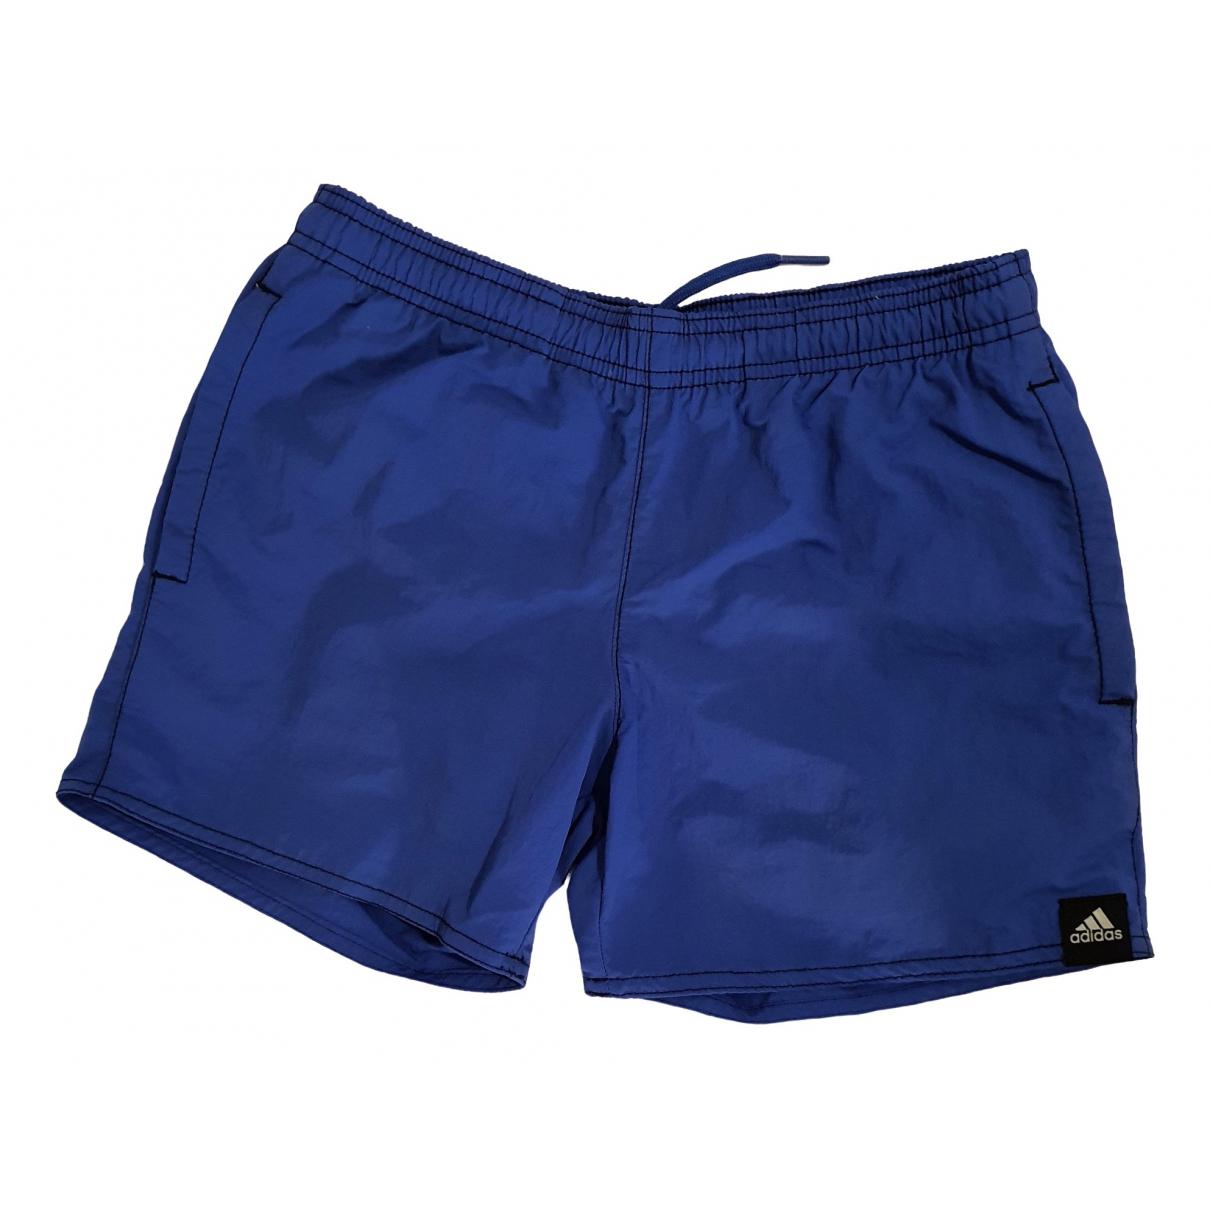 Adidas - Short   pour enfant - bleu